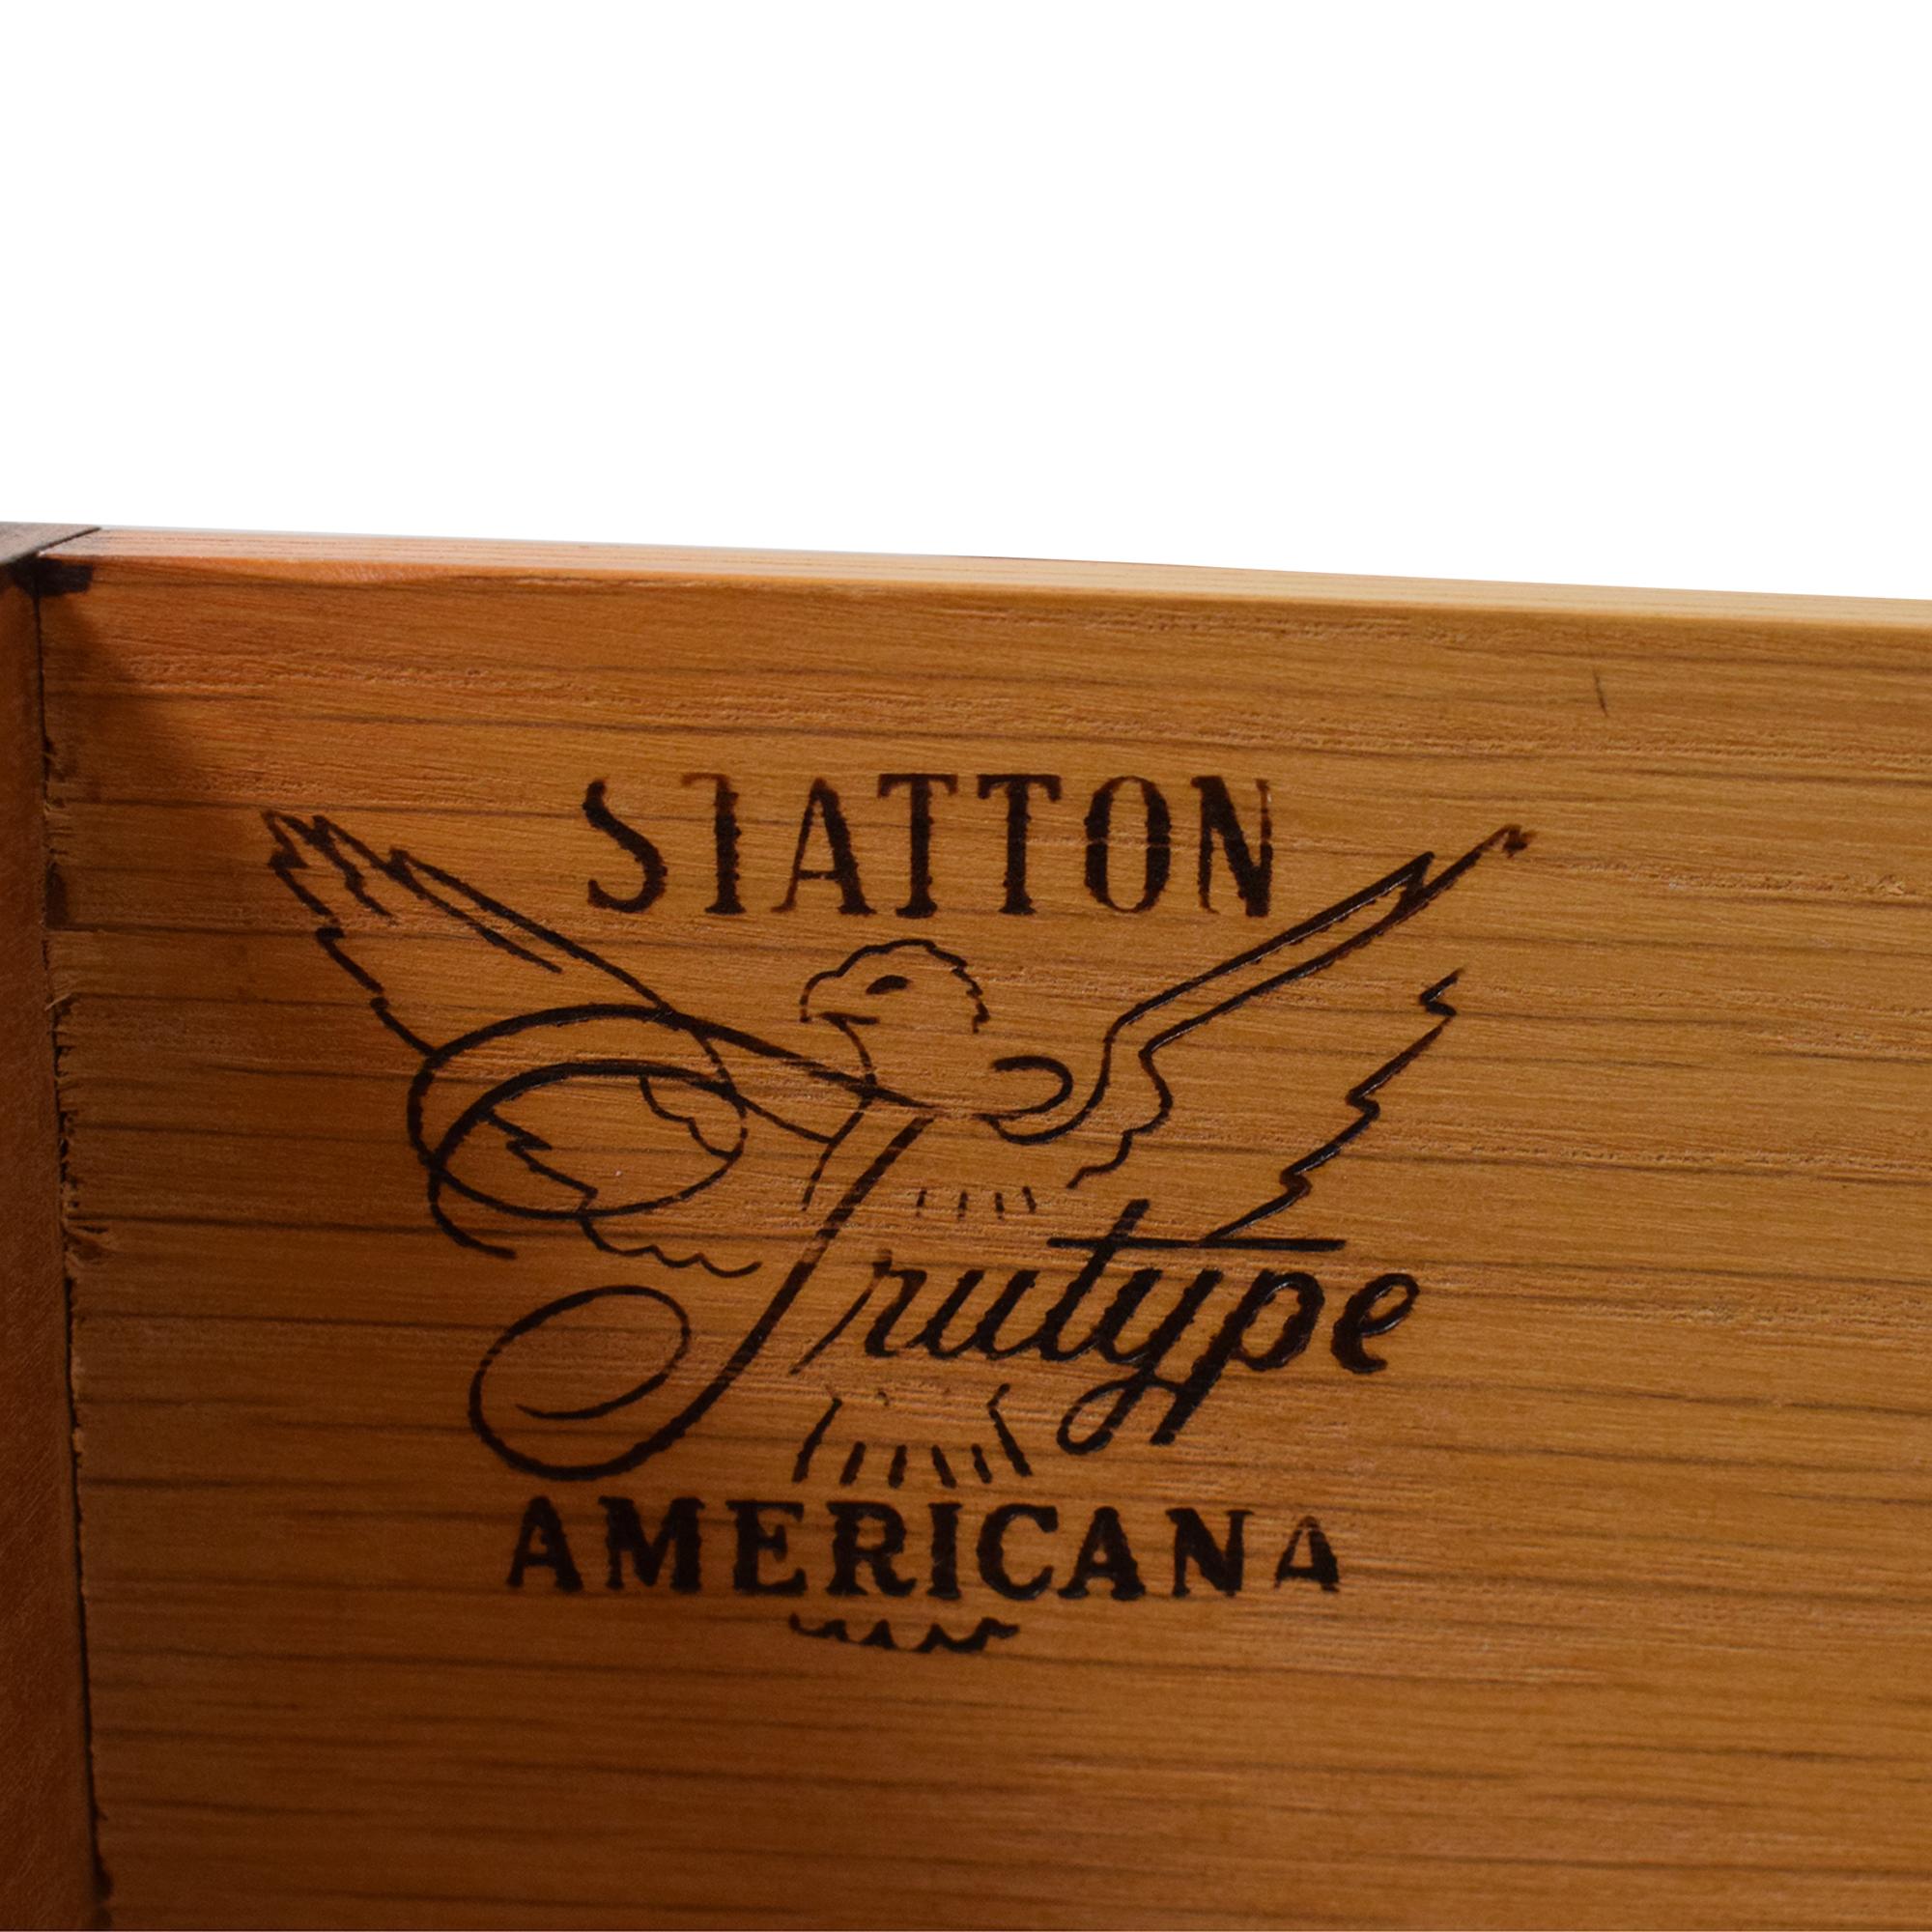 Statton Trutype Americana Desk Statton